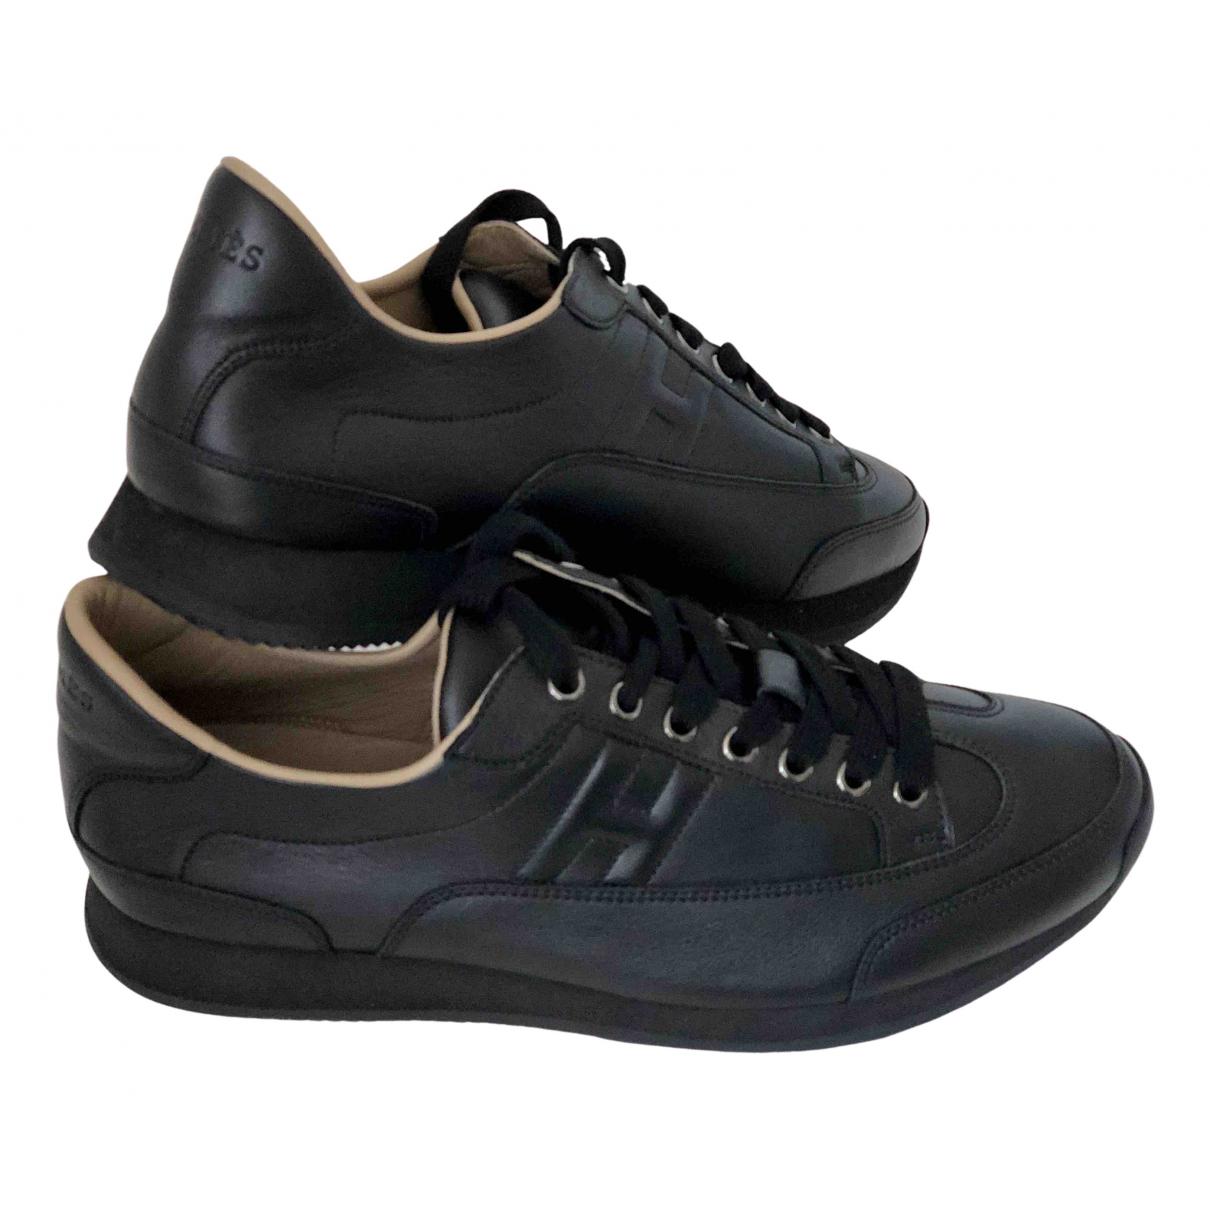 Hermes - Baskets   pour homme en cuir - noir